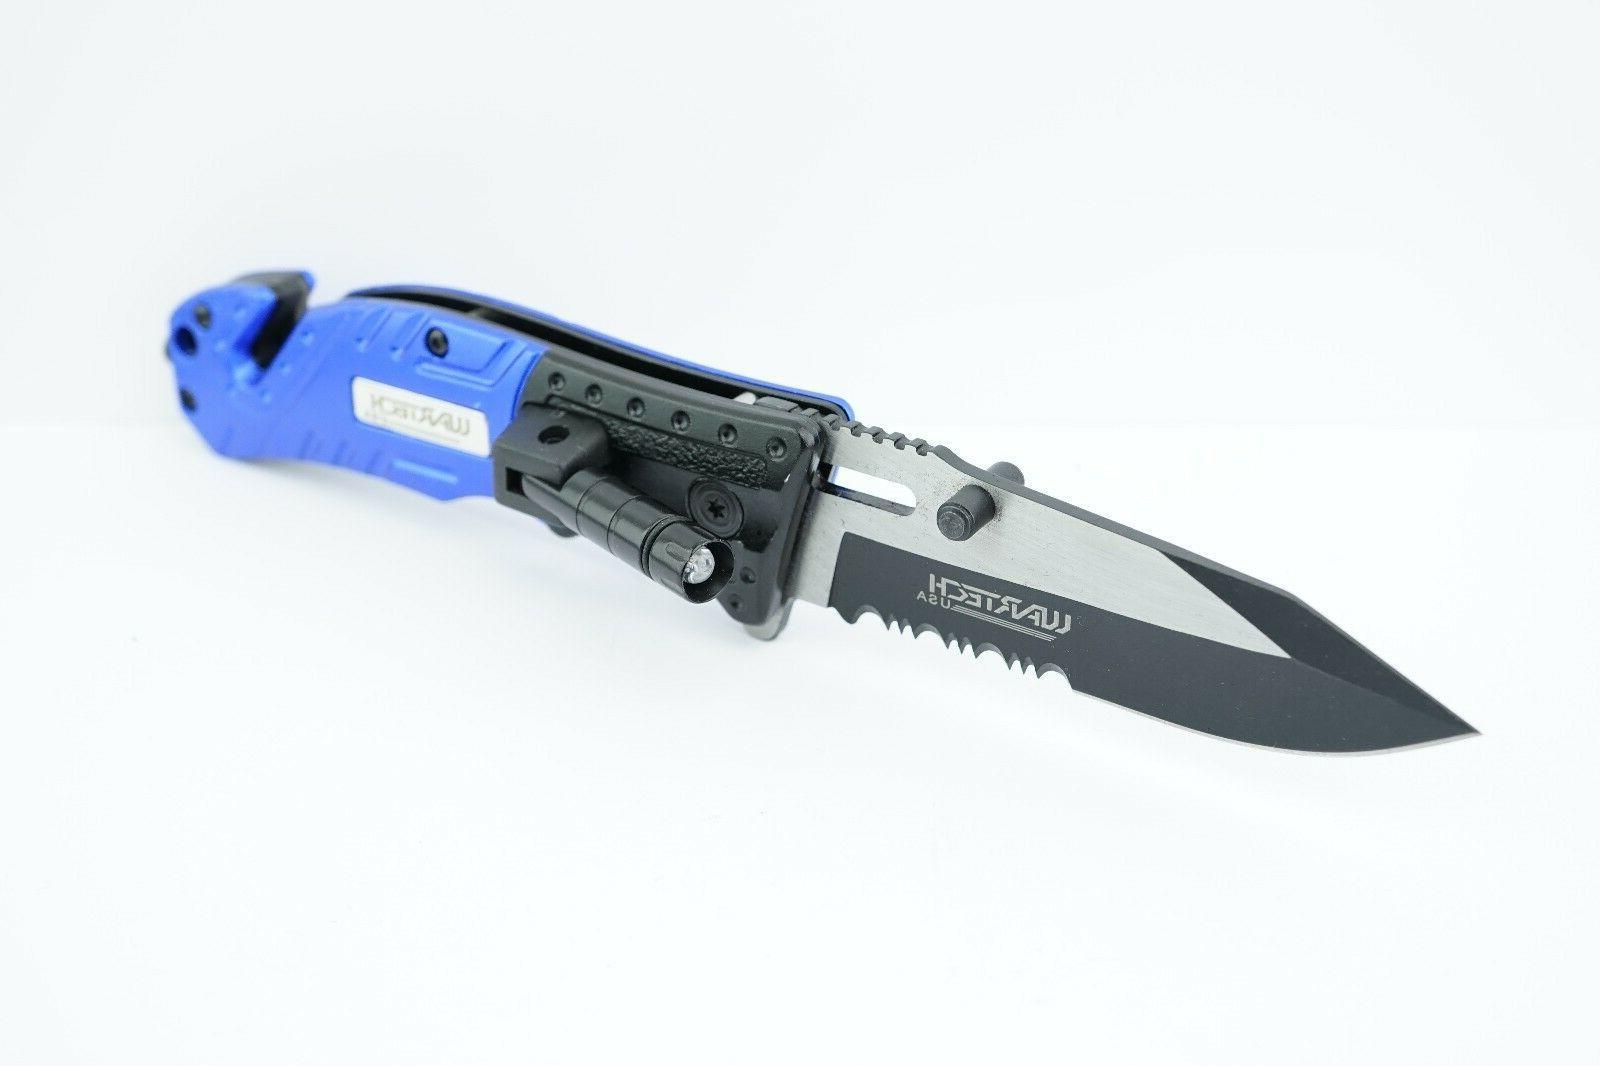 Wartech Open Pocket Knife